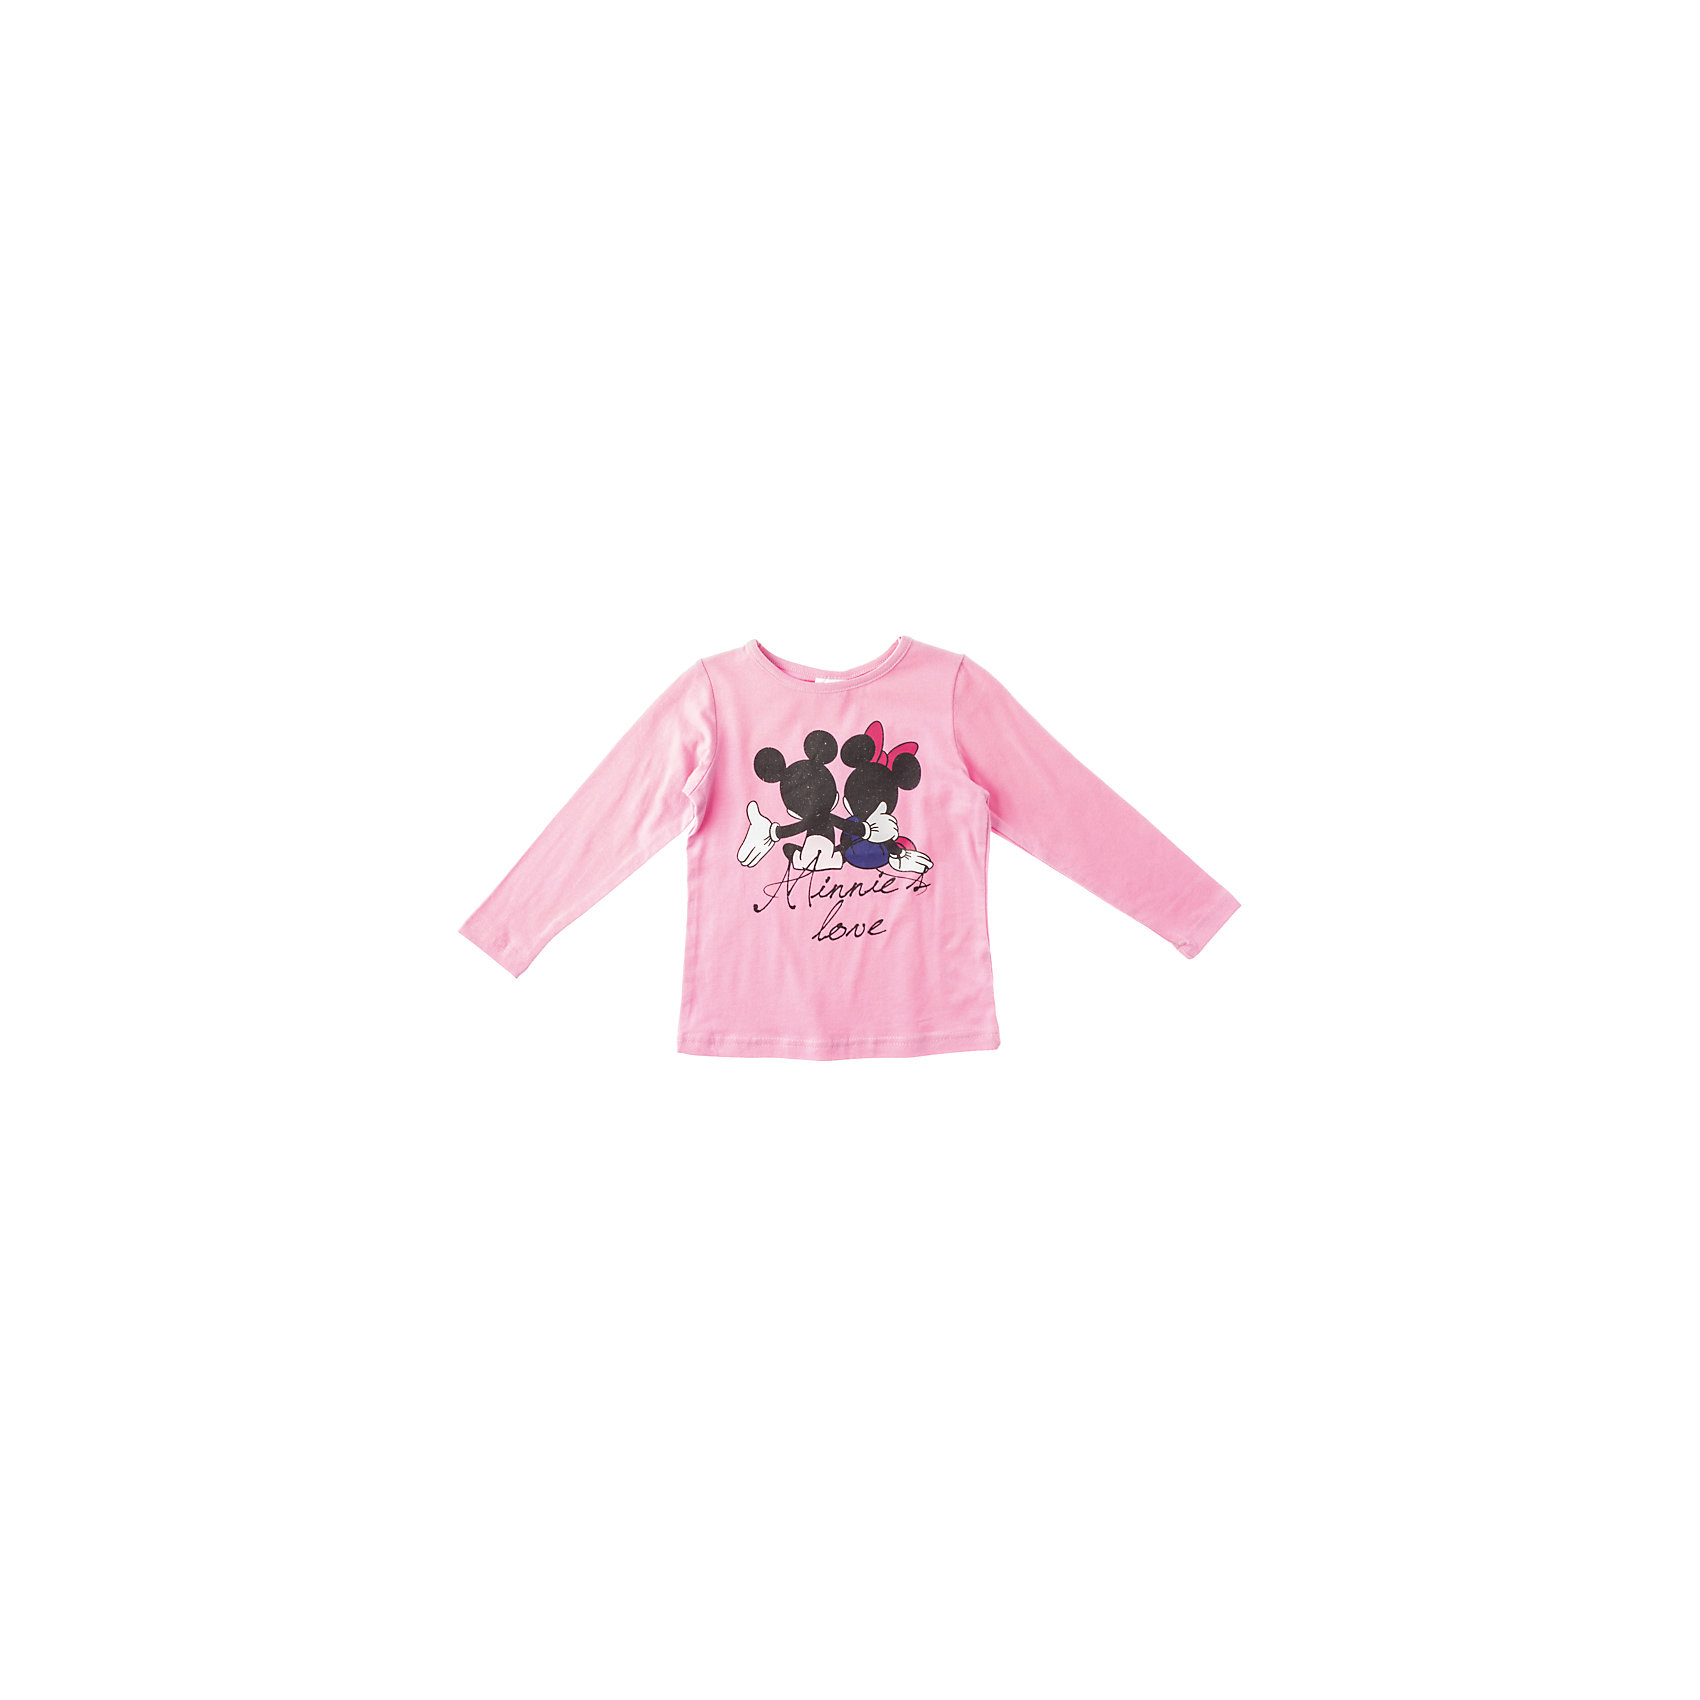 Футболка с длинным рукавом для девочки PlayTodayФутболки с длинным рукавом<br>Футболка для девочки PlayToday Ярко-розовая футболка с длинными рукавами, украшена блестками и принтом с Микки и Минни. Качественный хлопковый материал. Состав: 95% хлопок, 5% эластан<br><br>Ширина мм: 199<br>Глубина мм: 10<br>Высота мм: 161<br>Вес г: 151<br>Цвет: розовый<br>Возраст от месяцев: 72<br>Возраст до месяцев: 84<br>Пол: Женский<br>Возраст: Детский<br>Размер: 122,116,98,110,128,104<br>SKU: 4229614